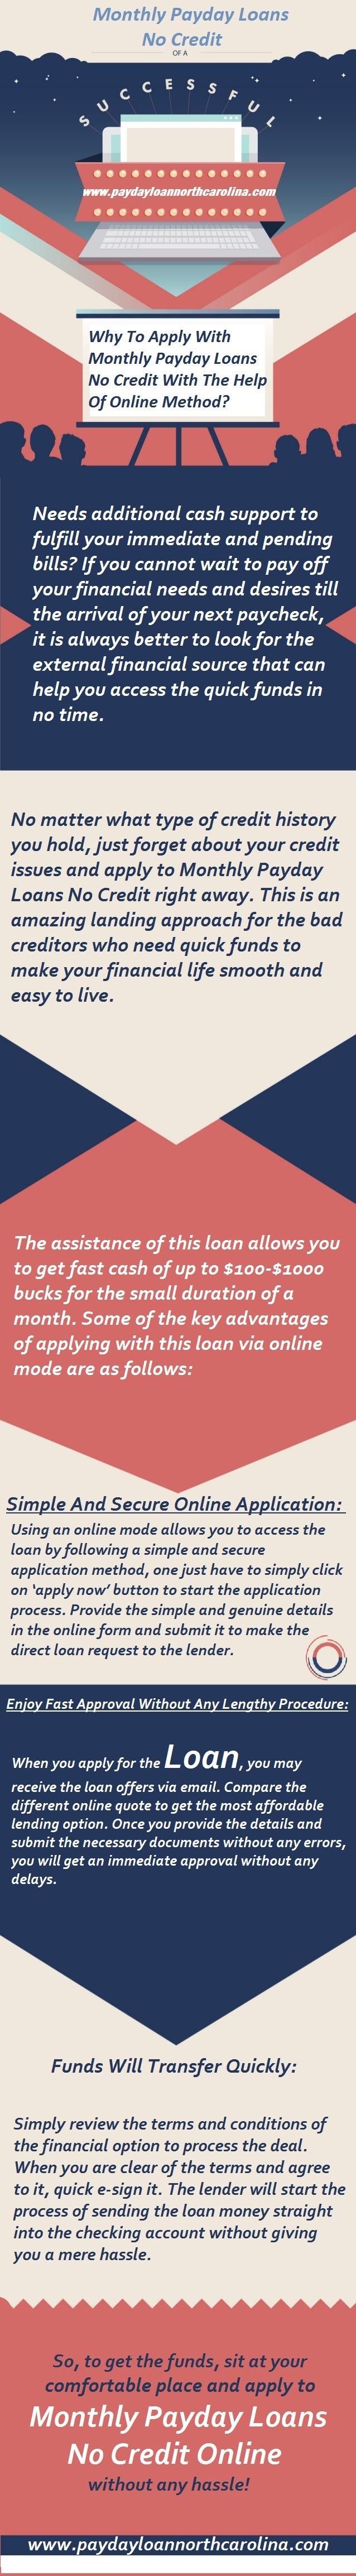 Payday advance 75287 image 3